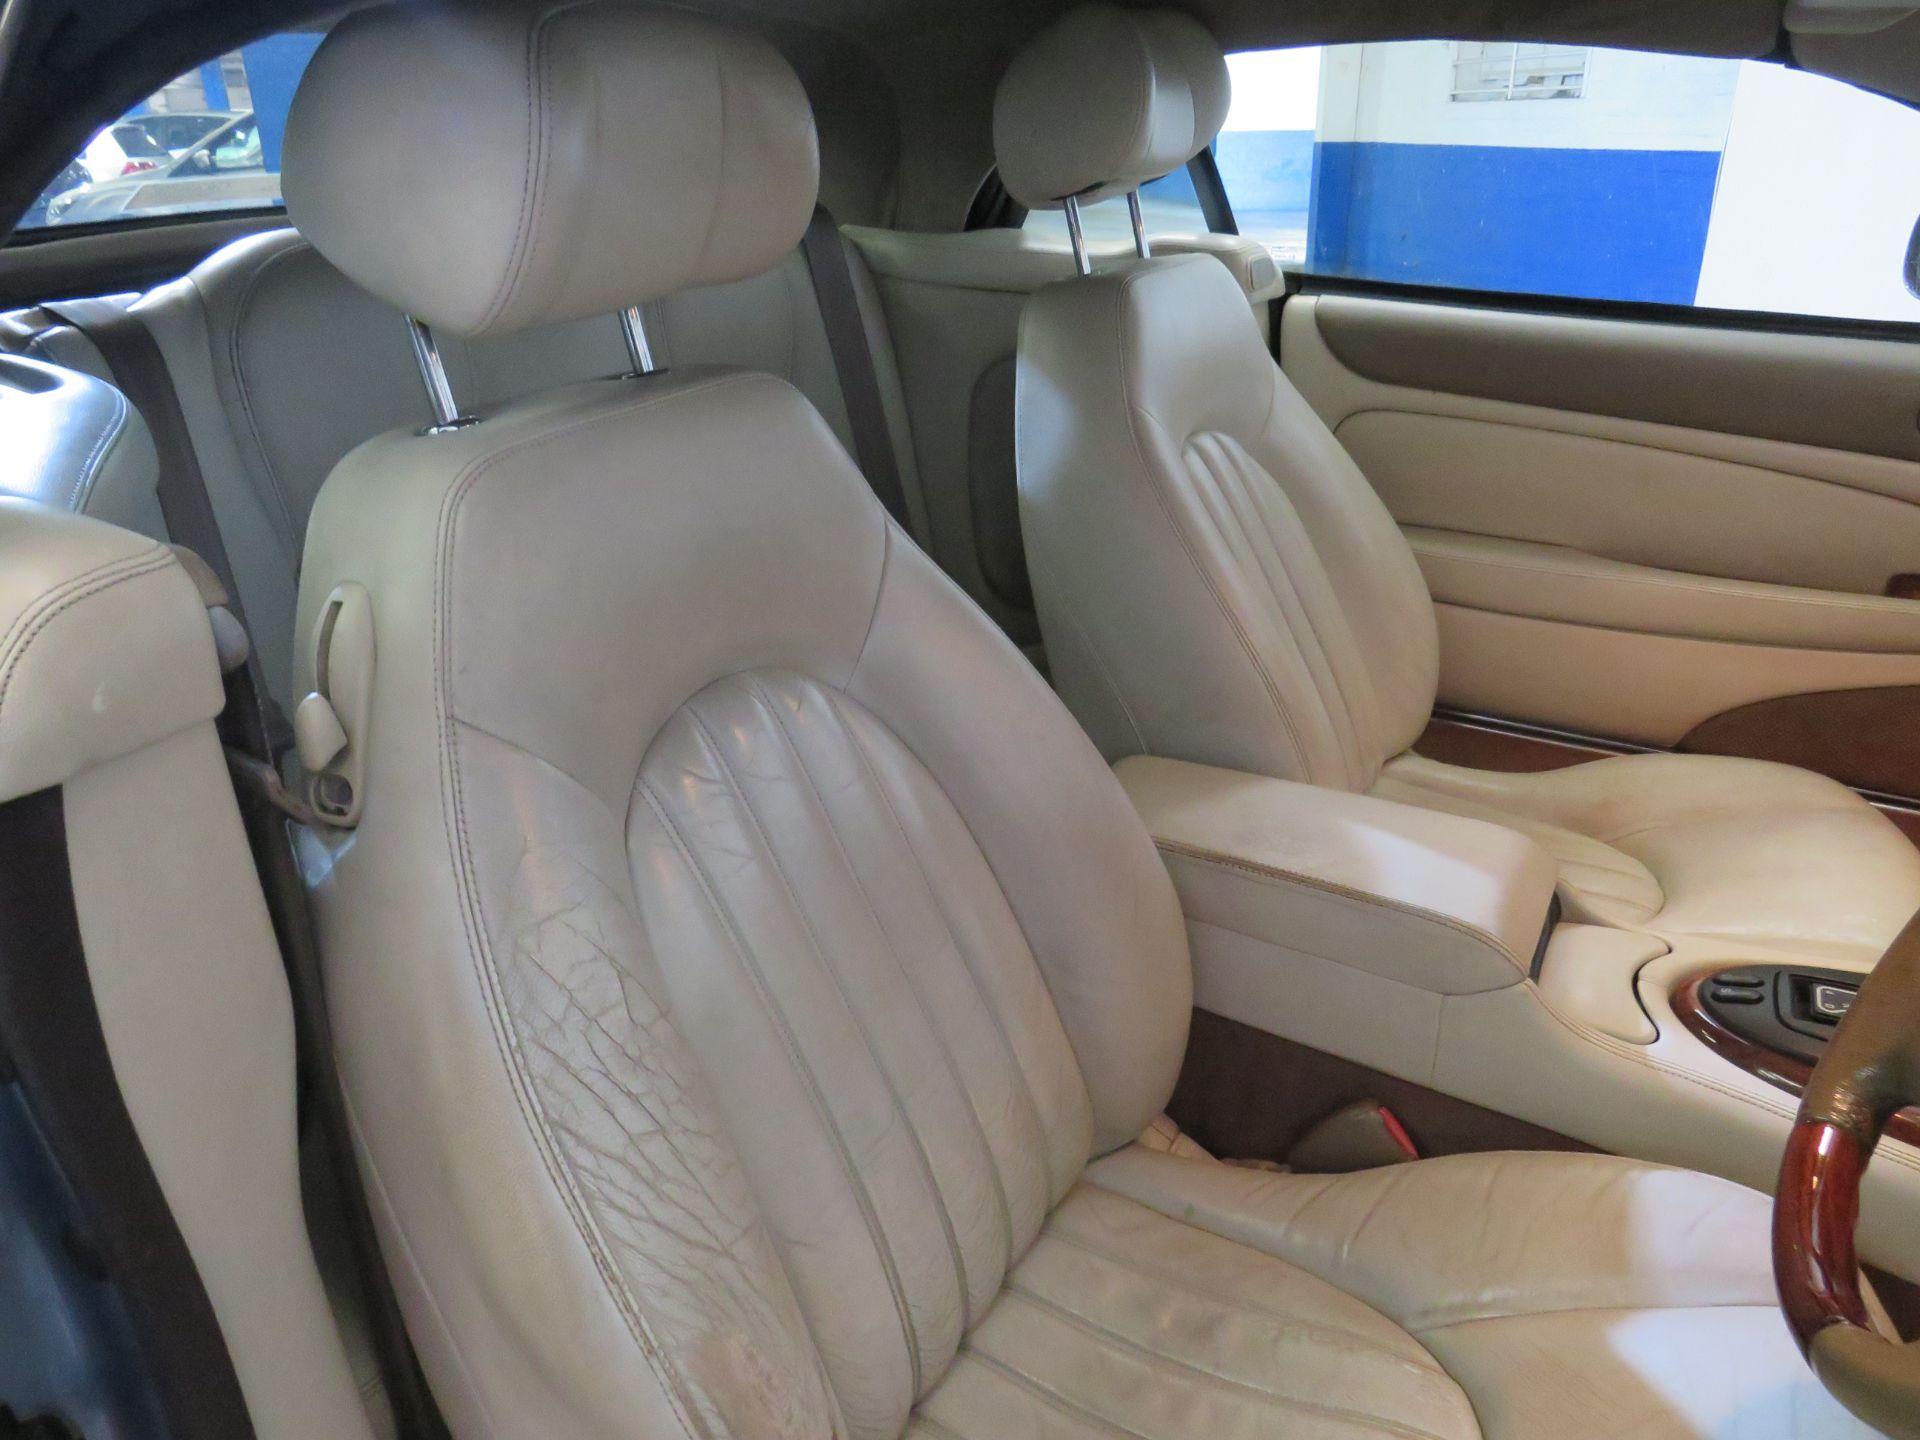 Lot 10 - 2002 Jagaur XK8 Convertible Auto - 3996cc